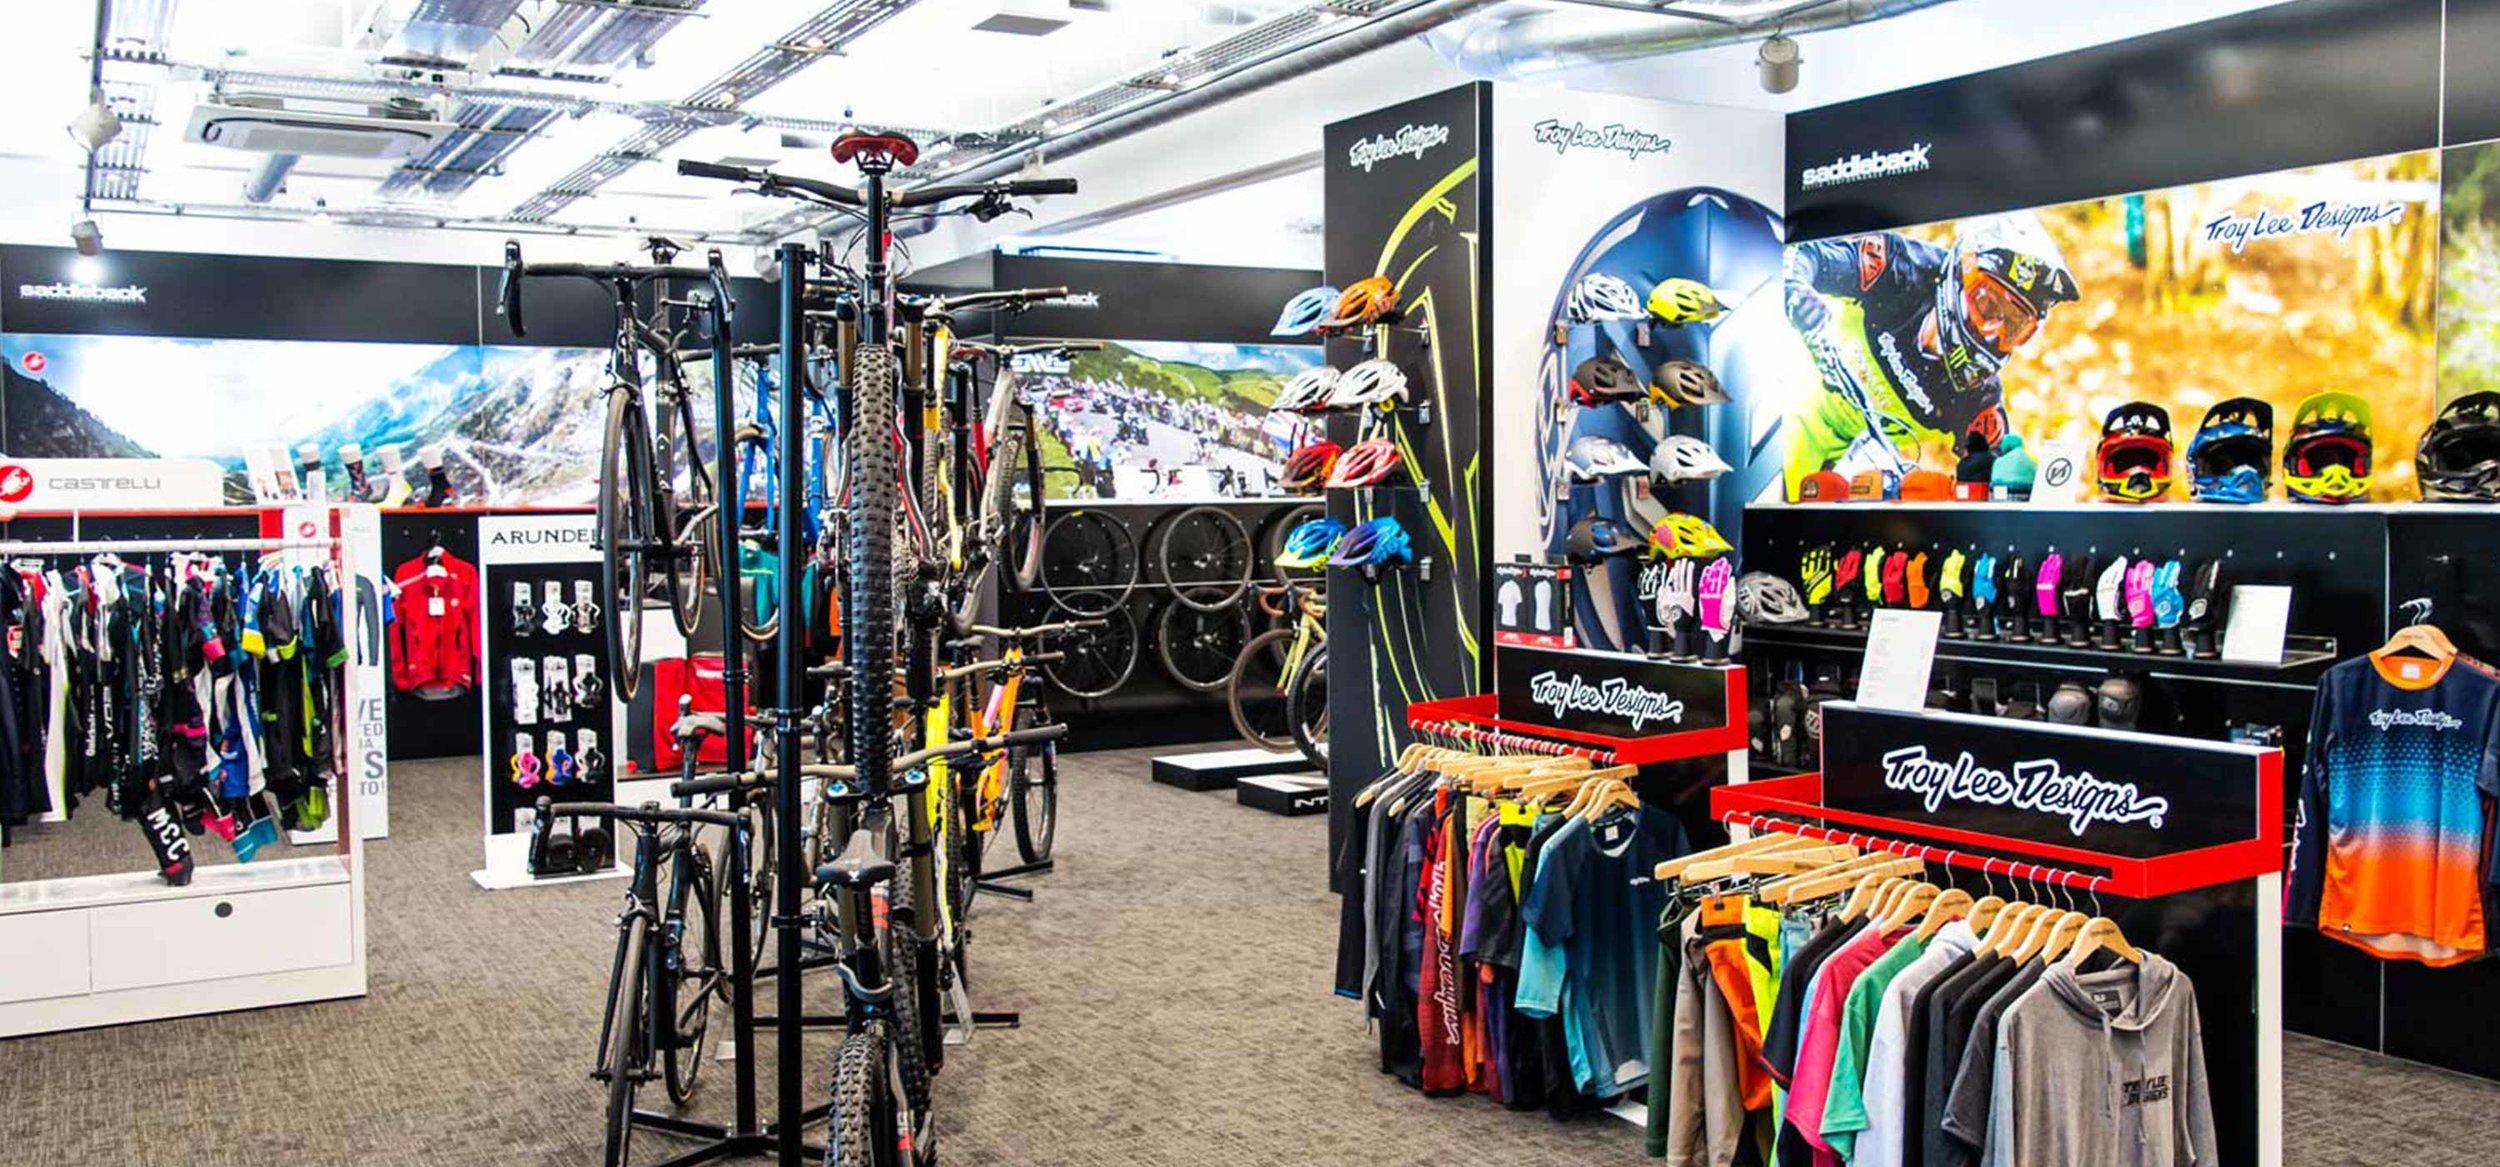 Saddleback Showroom Overview Brands